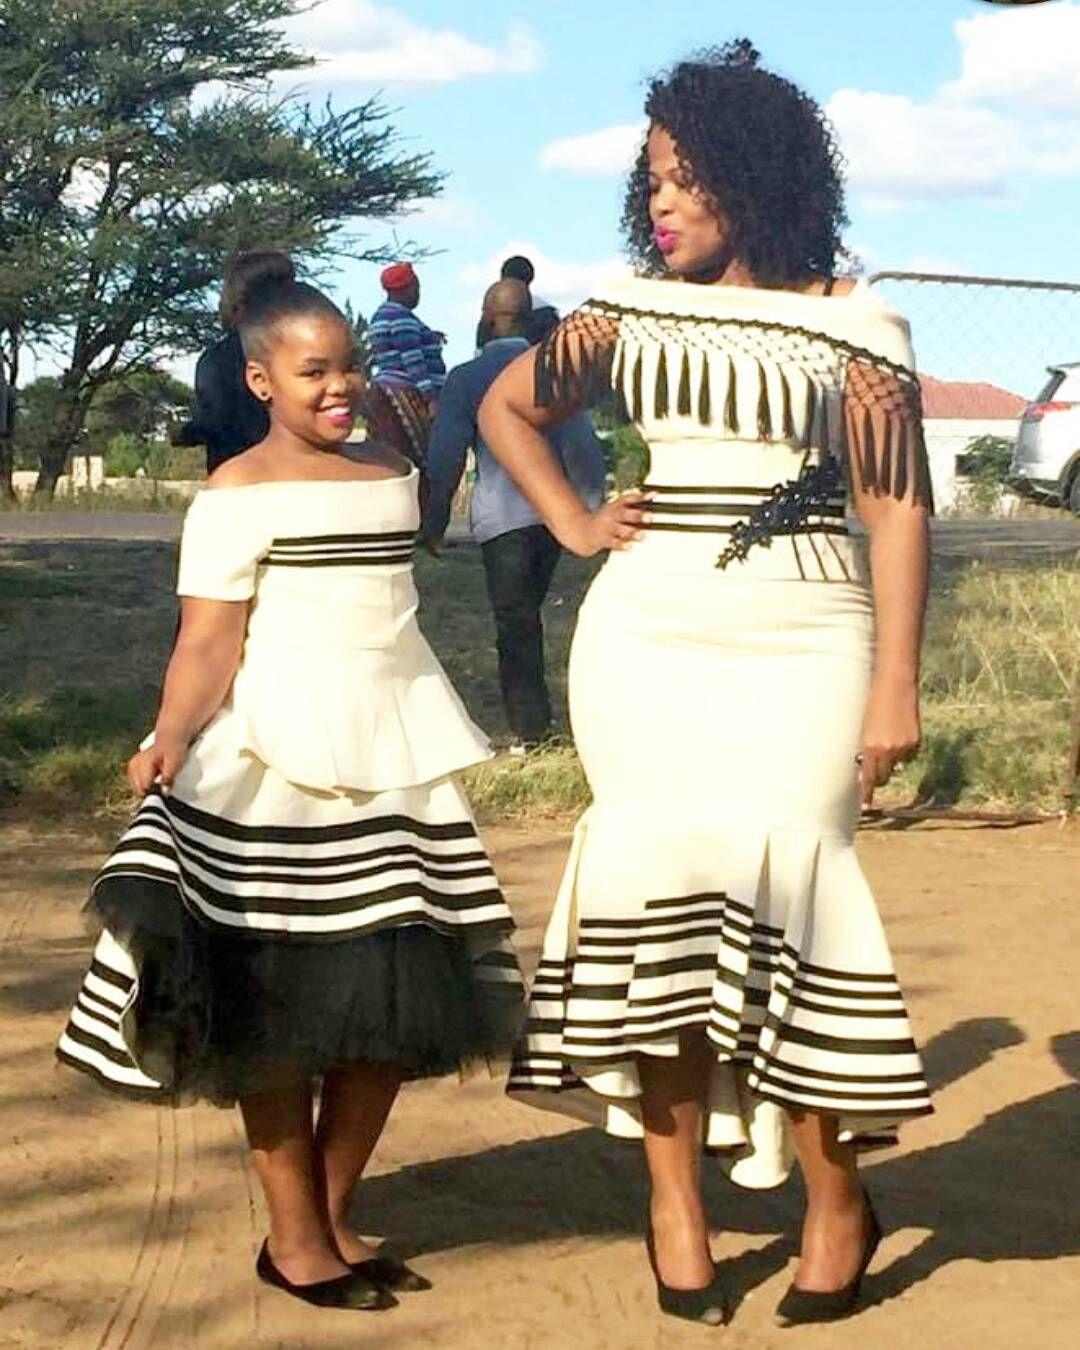 xhosa wedding dresses 20 off 20   medpharmres.com